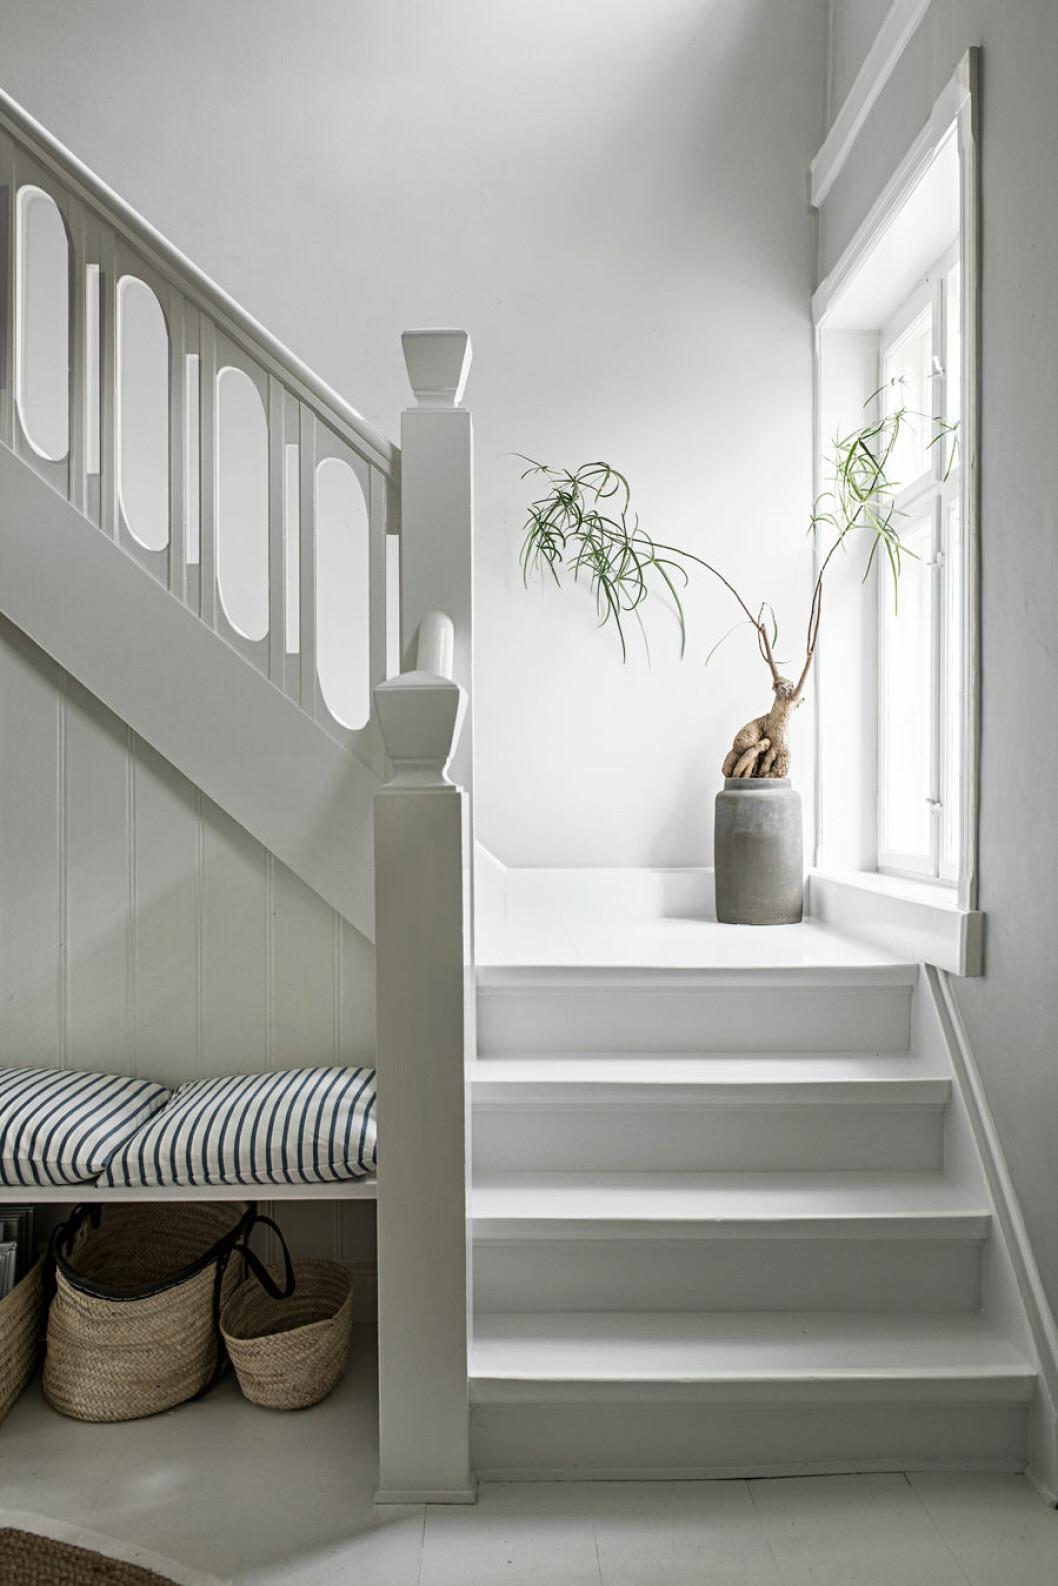 Vit trappa, bänk i hall med randiga dynor